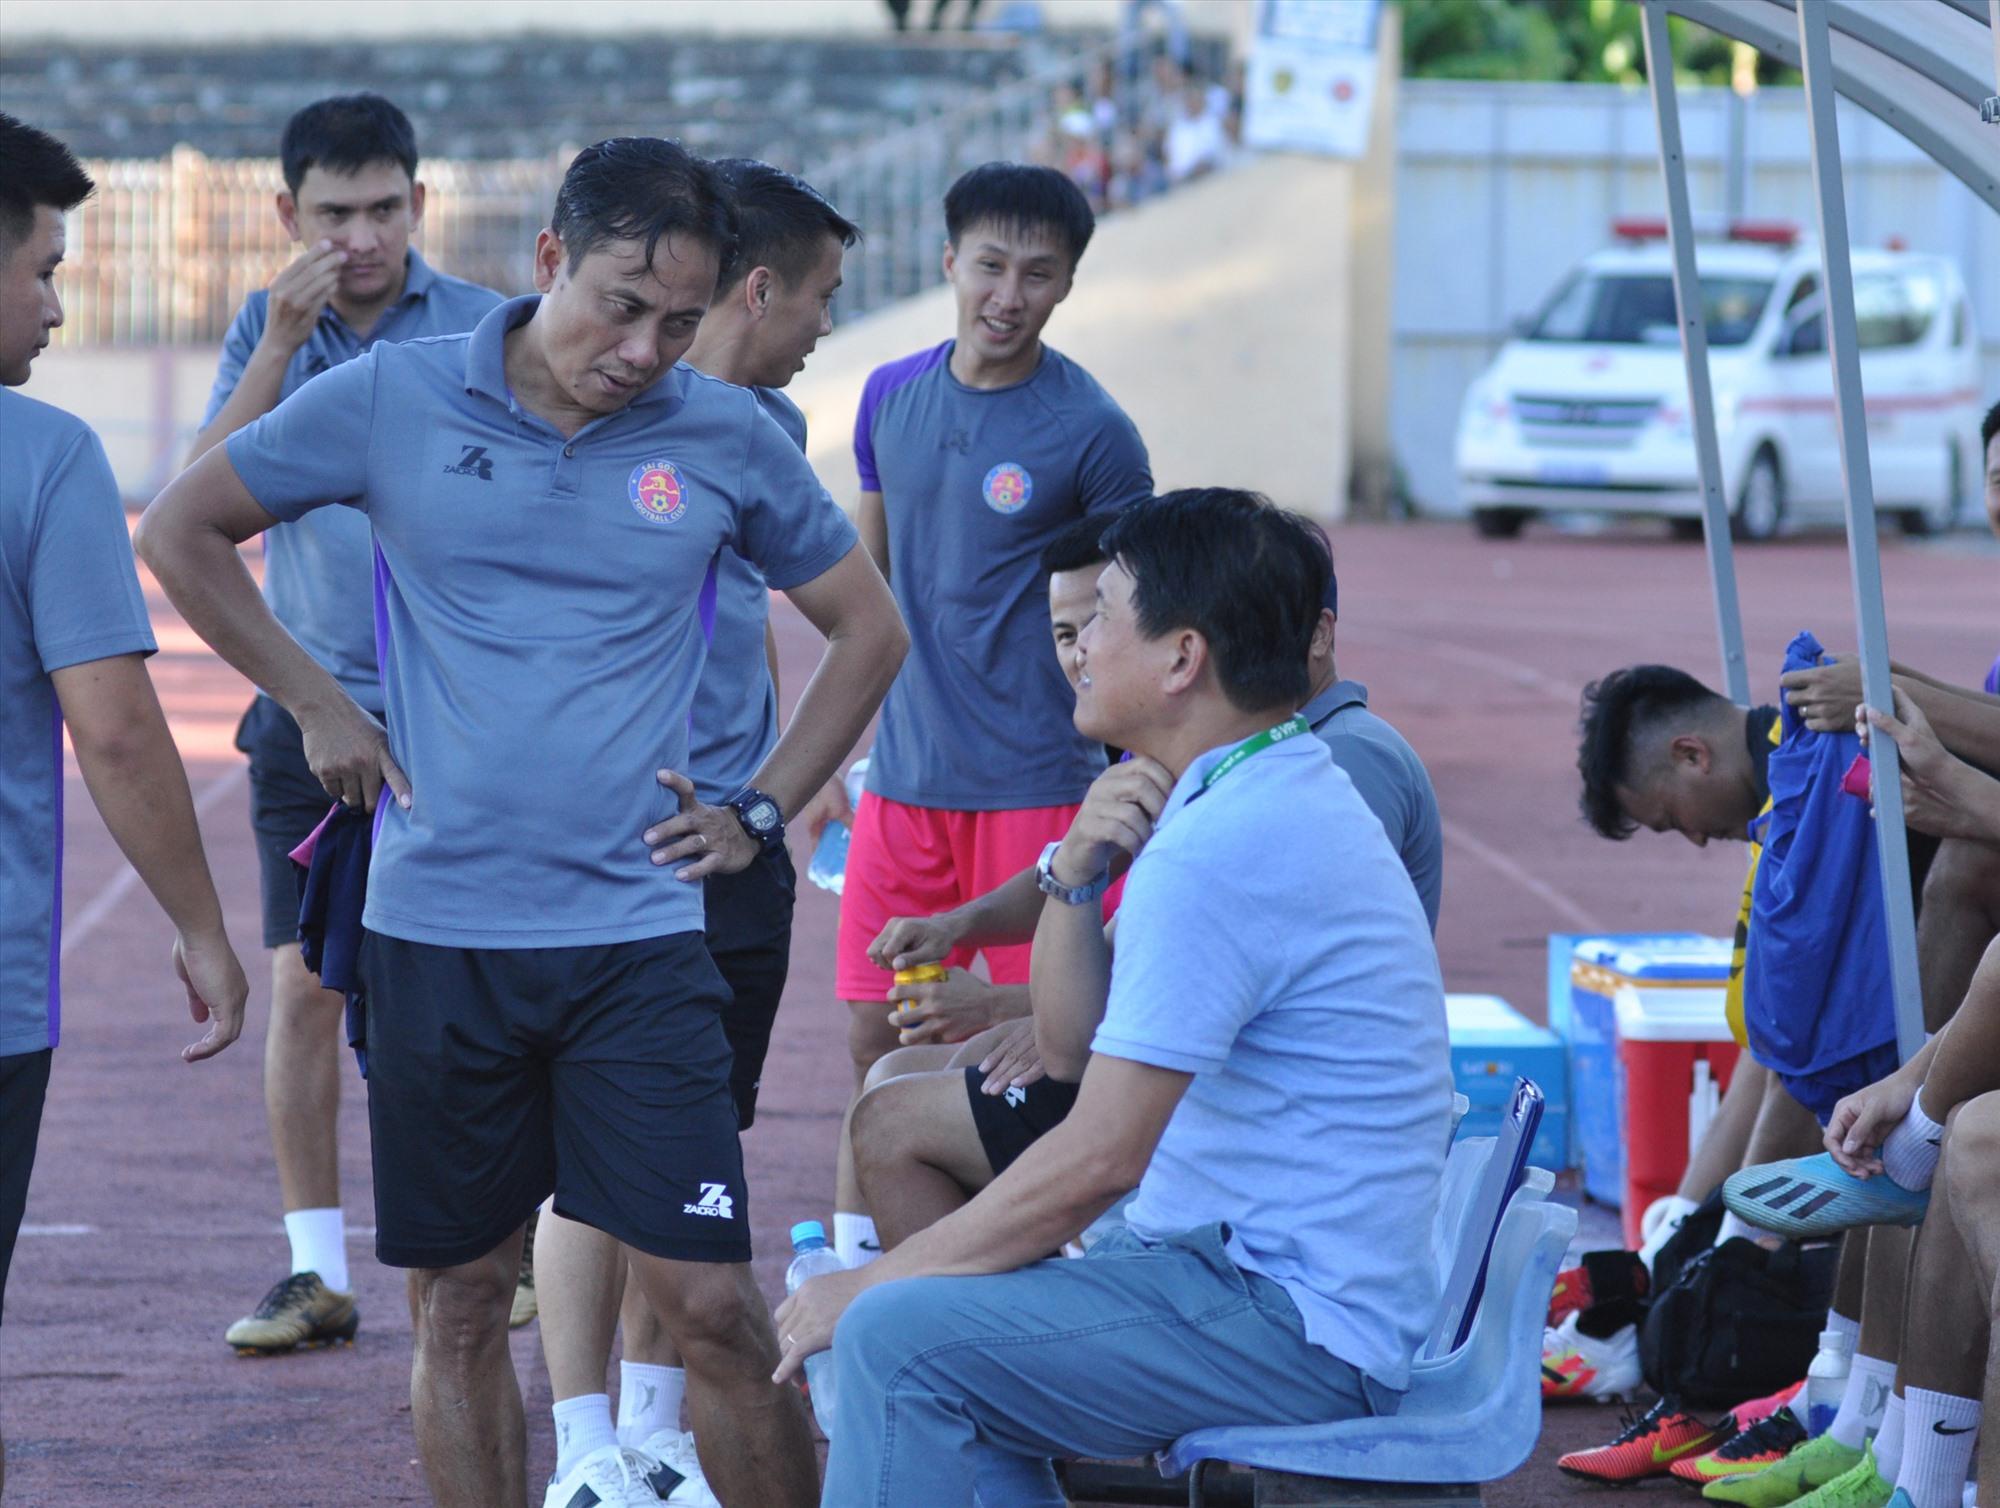 Trợ lý Phùng Thanh Phương (người đứng trò chuyện với HLV Vũ Tiến Thành) lên làm HLV trưởng Sài Gòn kể từ vòng đấu thứ 7. Ảnh: T.VY